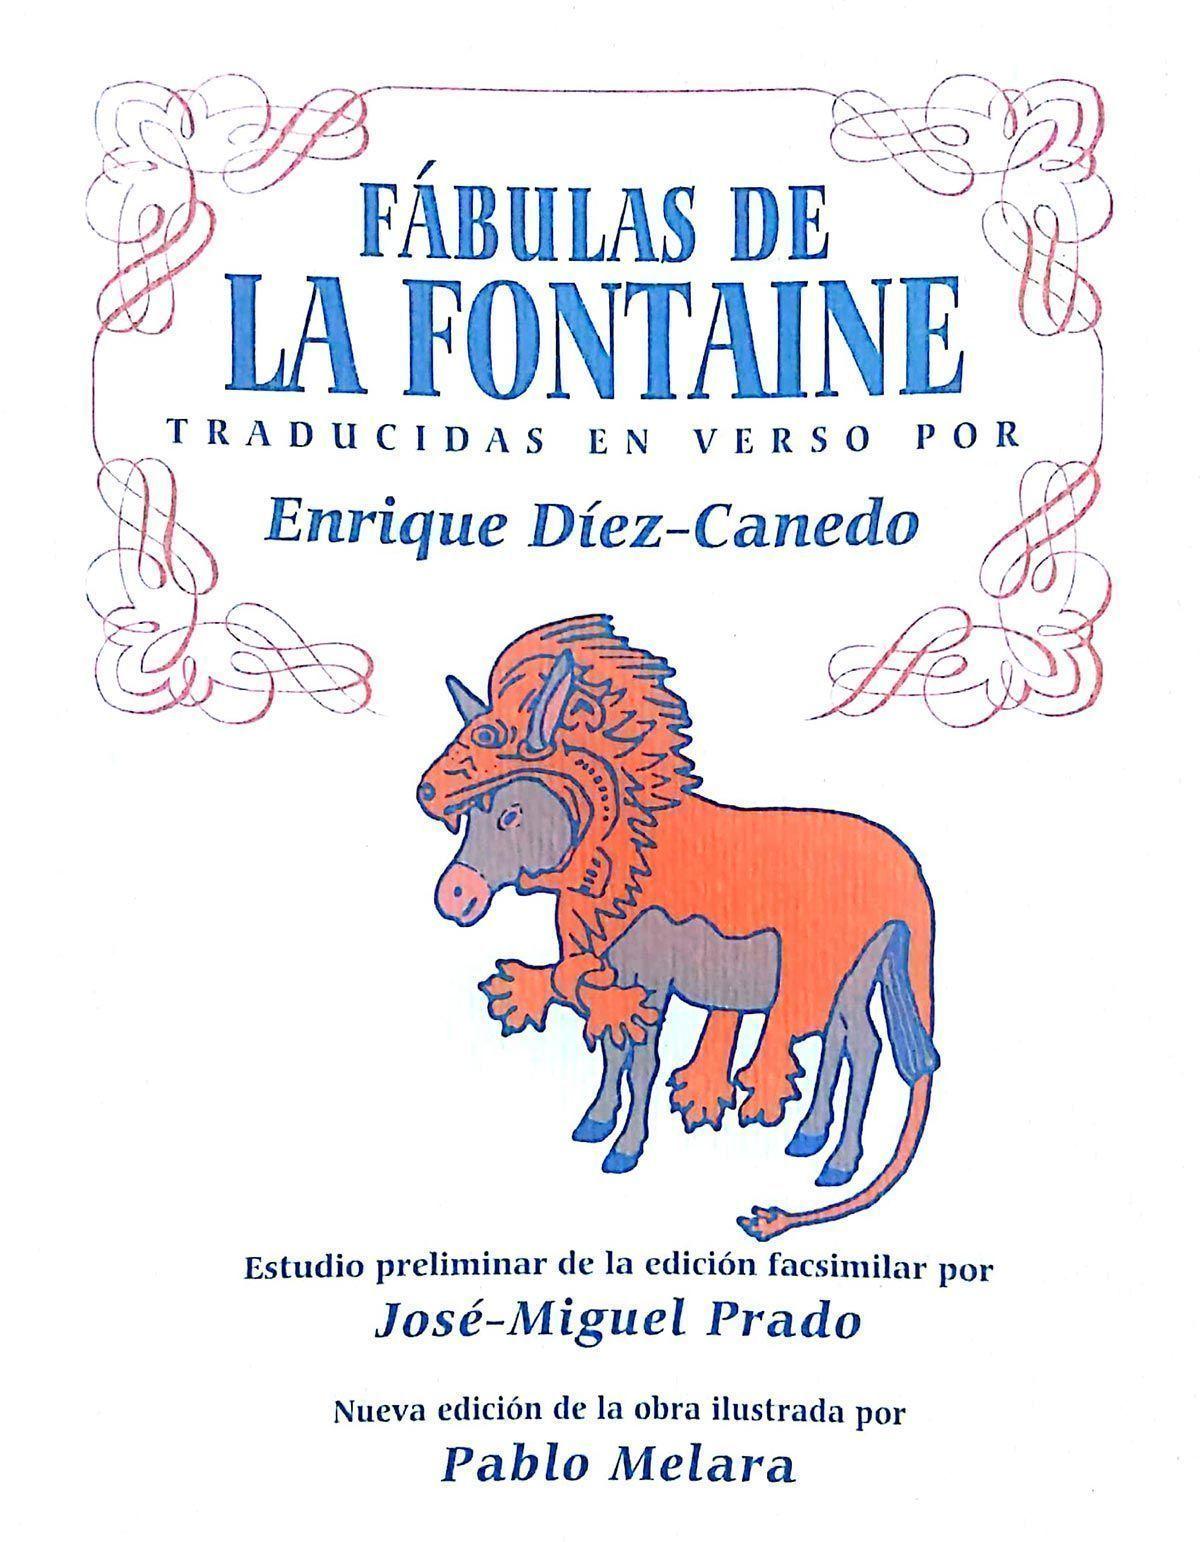 Edicion facsimil de las Fabulas de La Fontaine. editada por el IES Diez Canedo de Puebla de la Calzada.